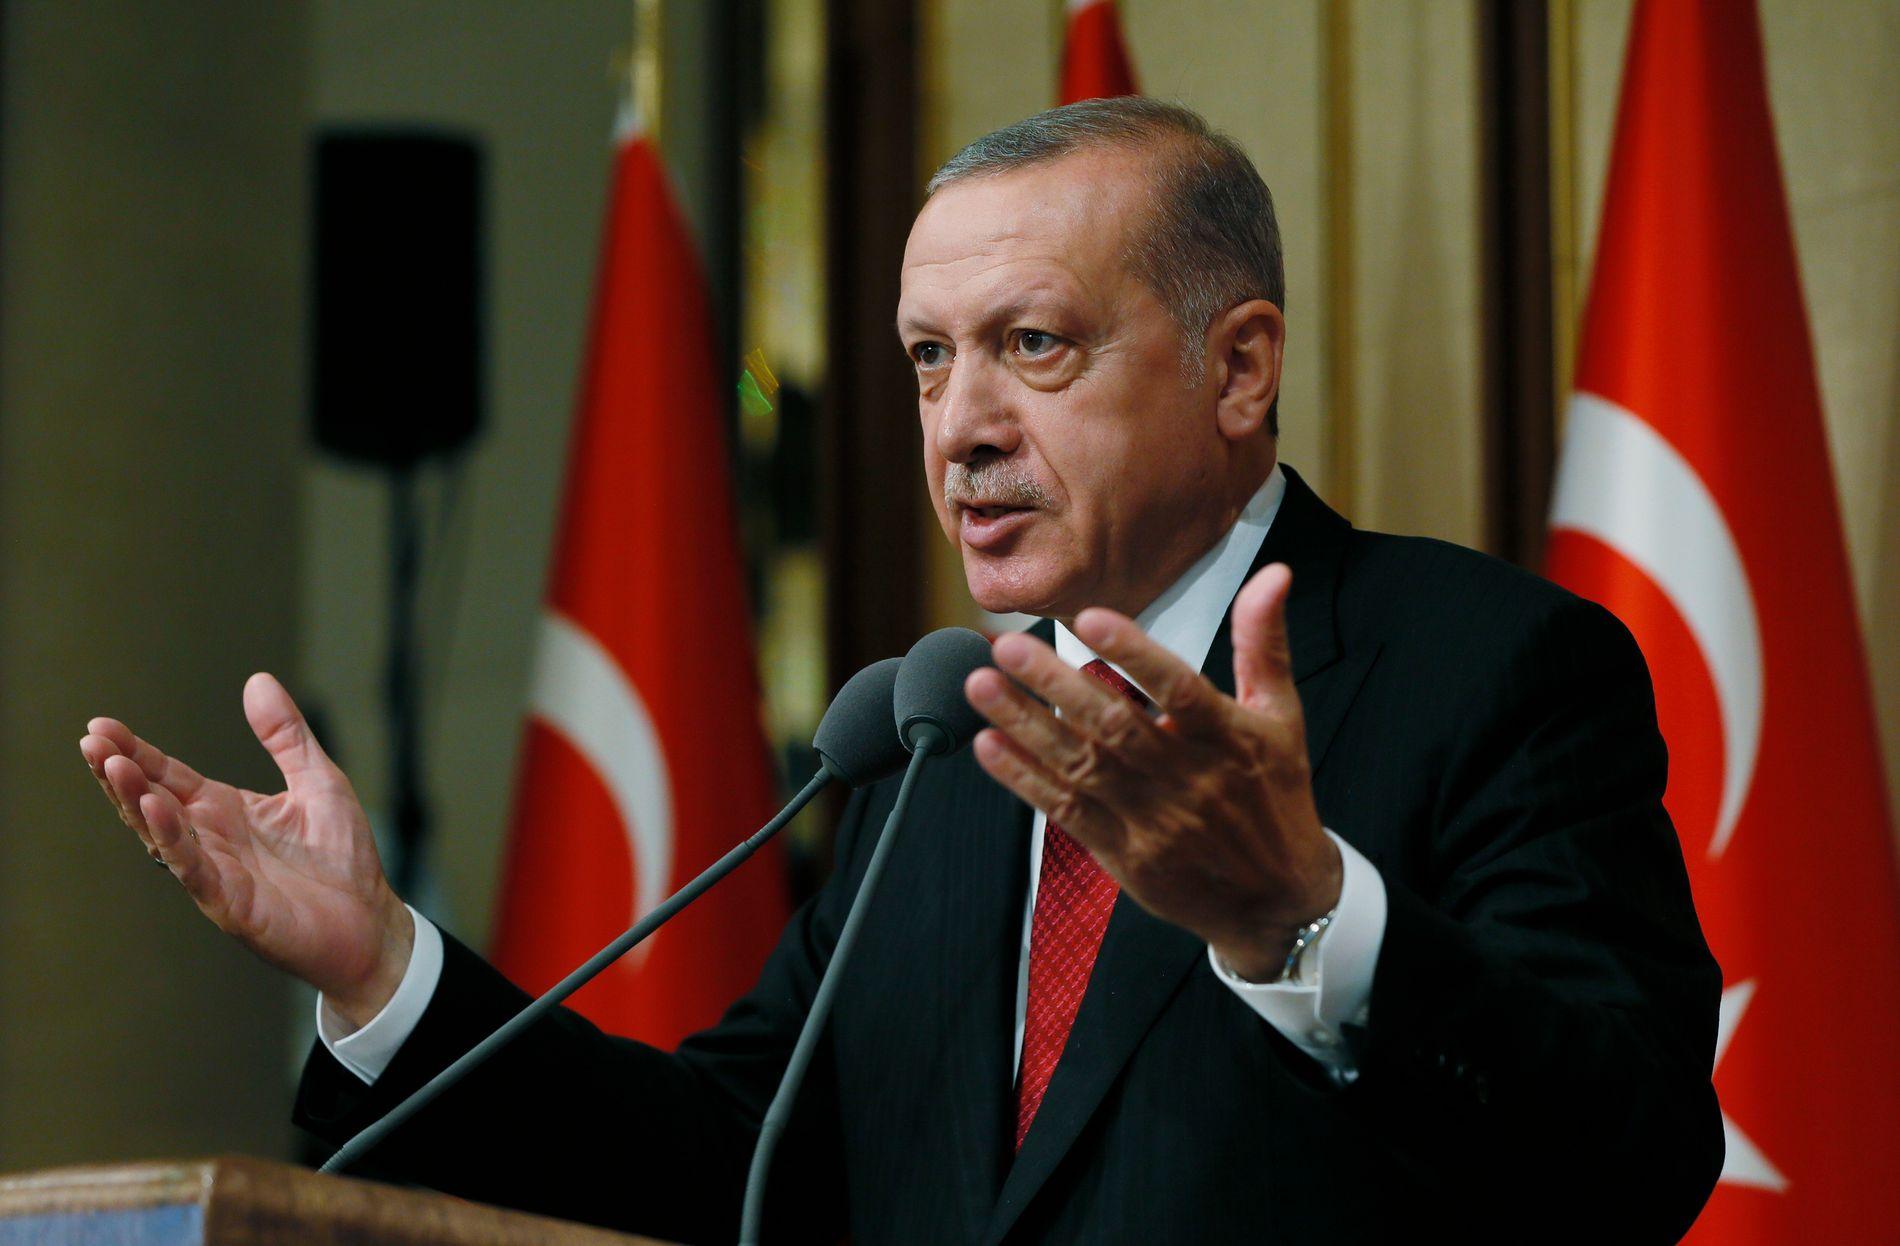 AVSLUTTET UNNTAKSTILSTAND: Tyrkias president Recep Tayyip Erdogan går ikke inn for å forlenge Tyrkias unntakstilstand.